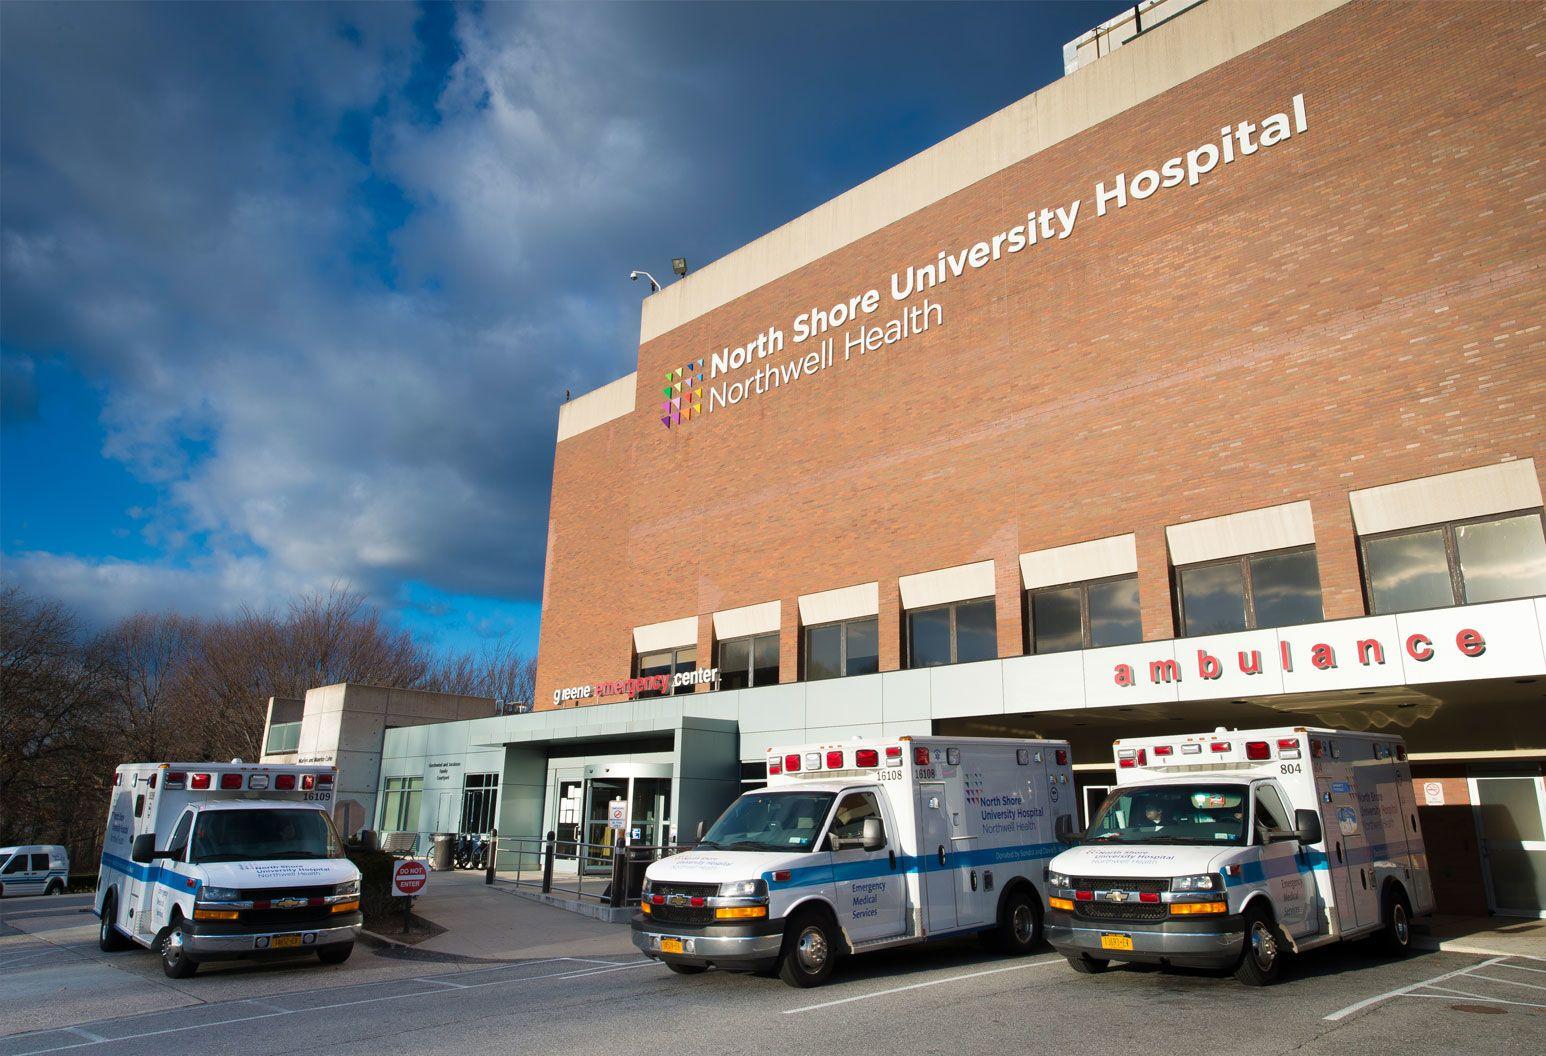 Outside North Shore University Hospital